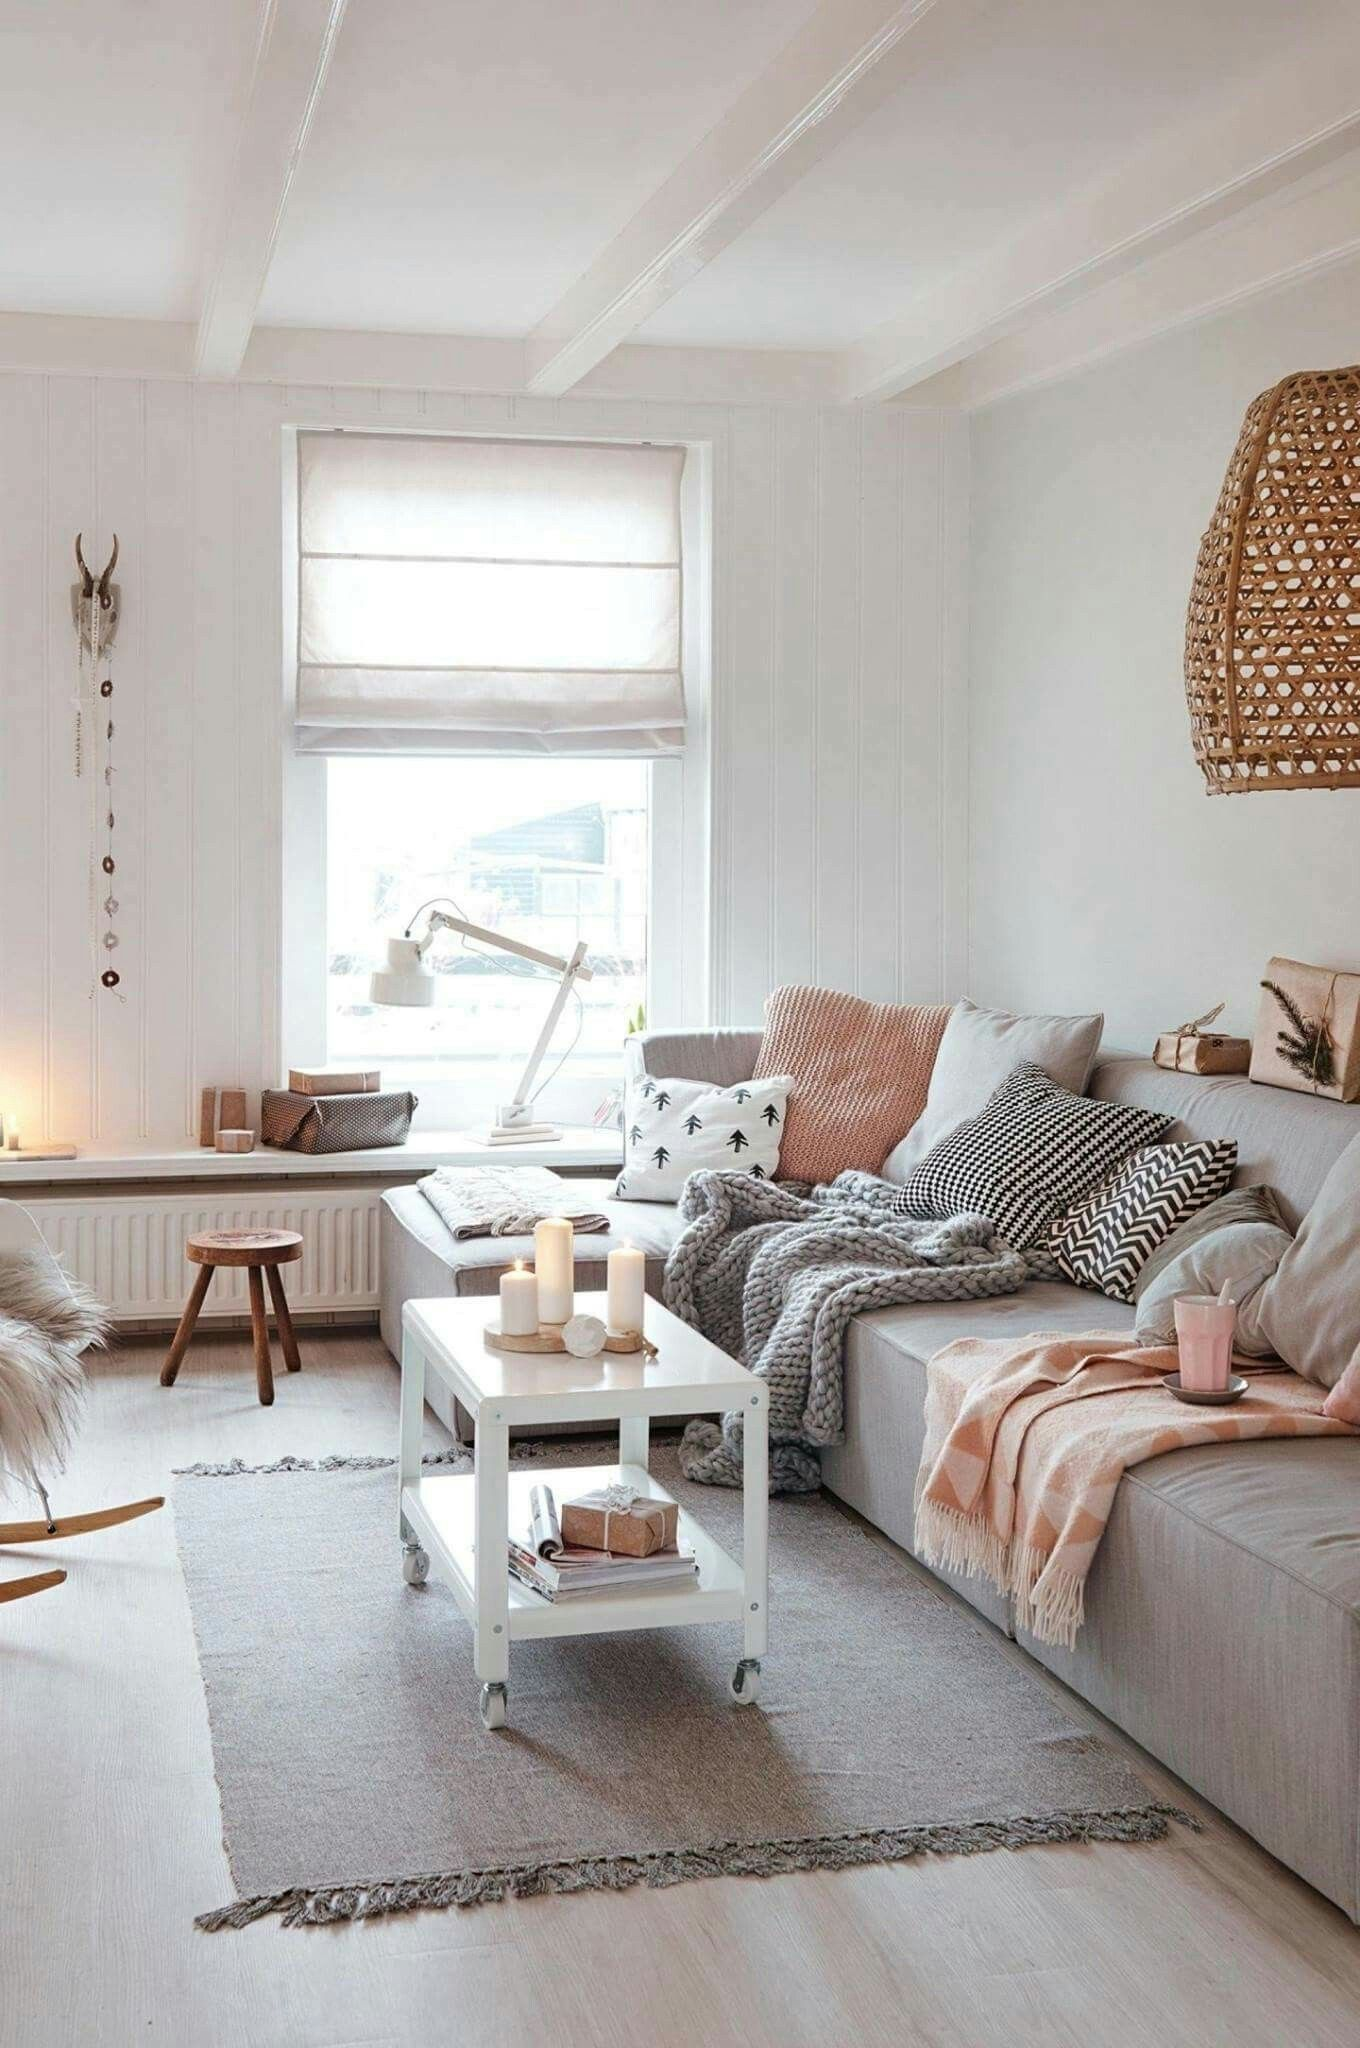 10 Wohnzimmer Beispiele wie man perfekt skandinavisches Design gestaltet kann skandinavisches design 10 Wohnzimmer Ideen wie man perfektes skandinavisches